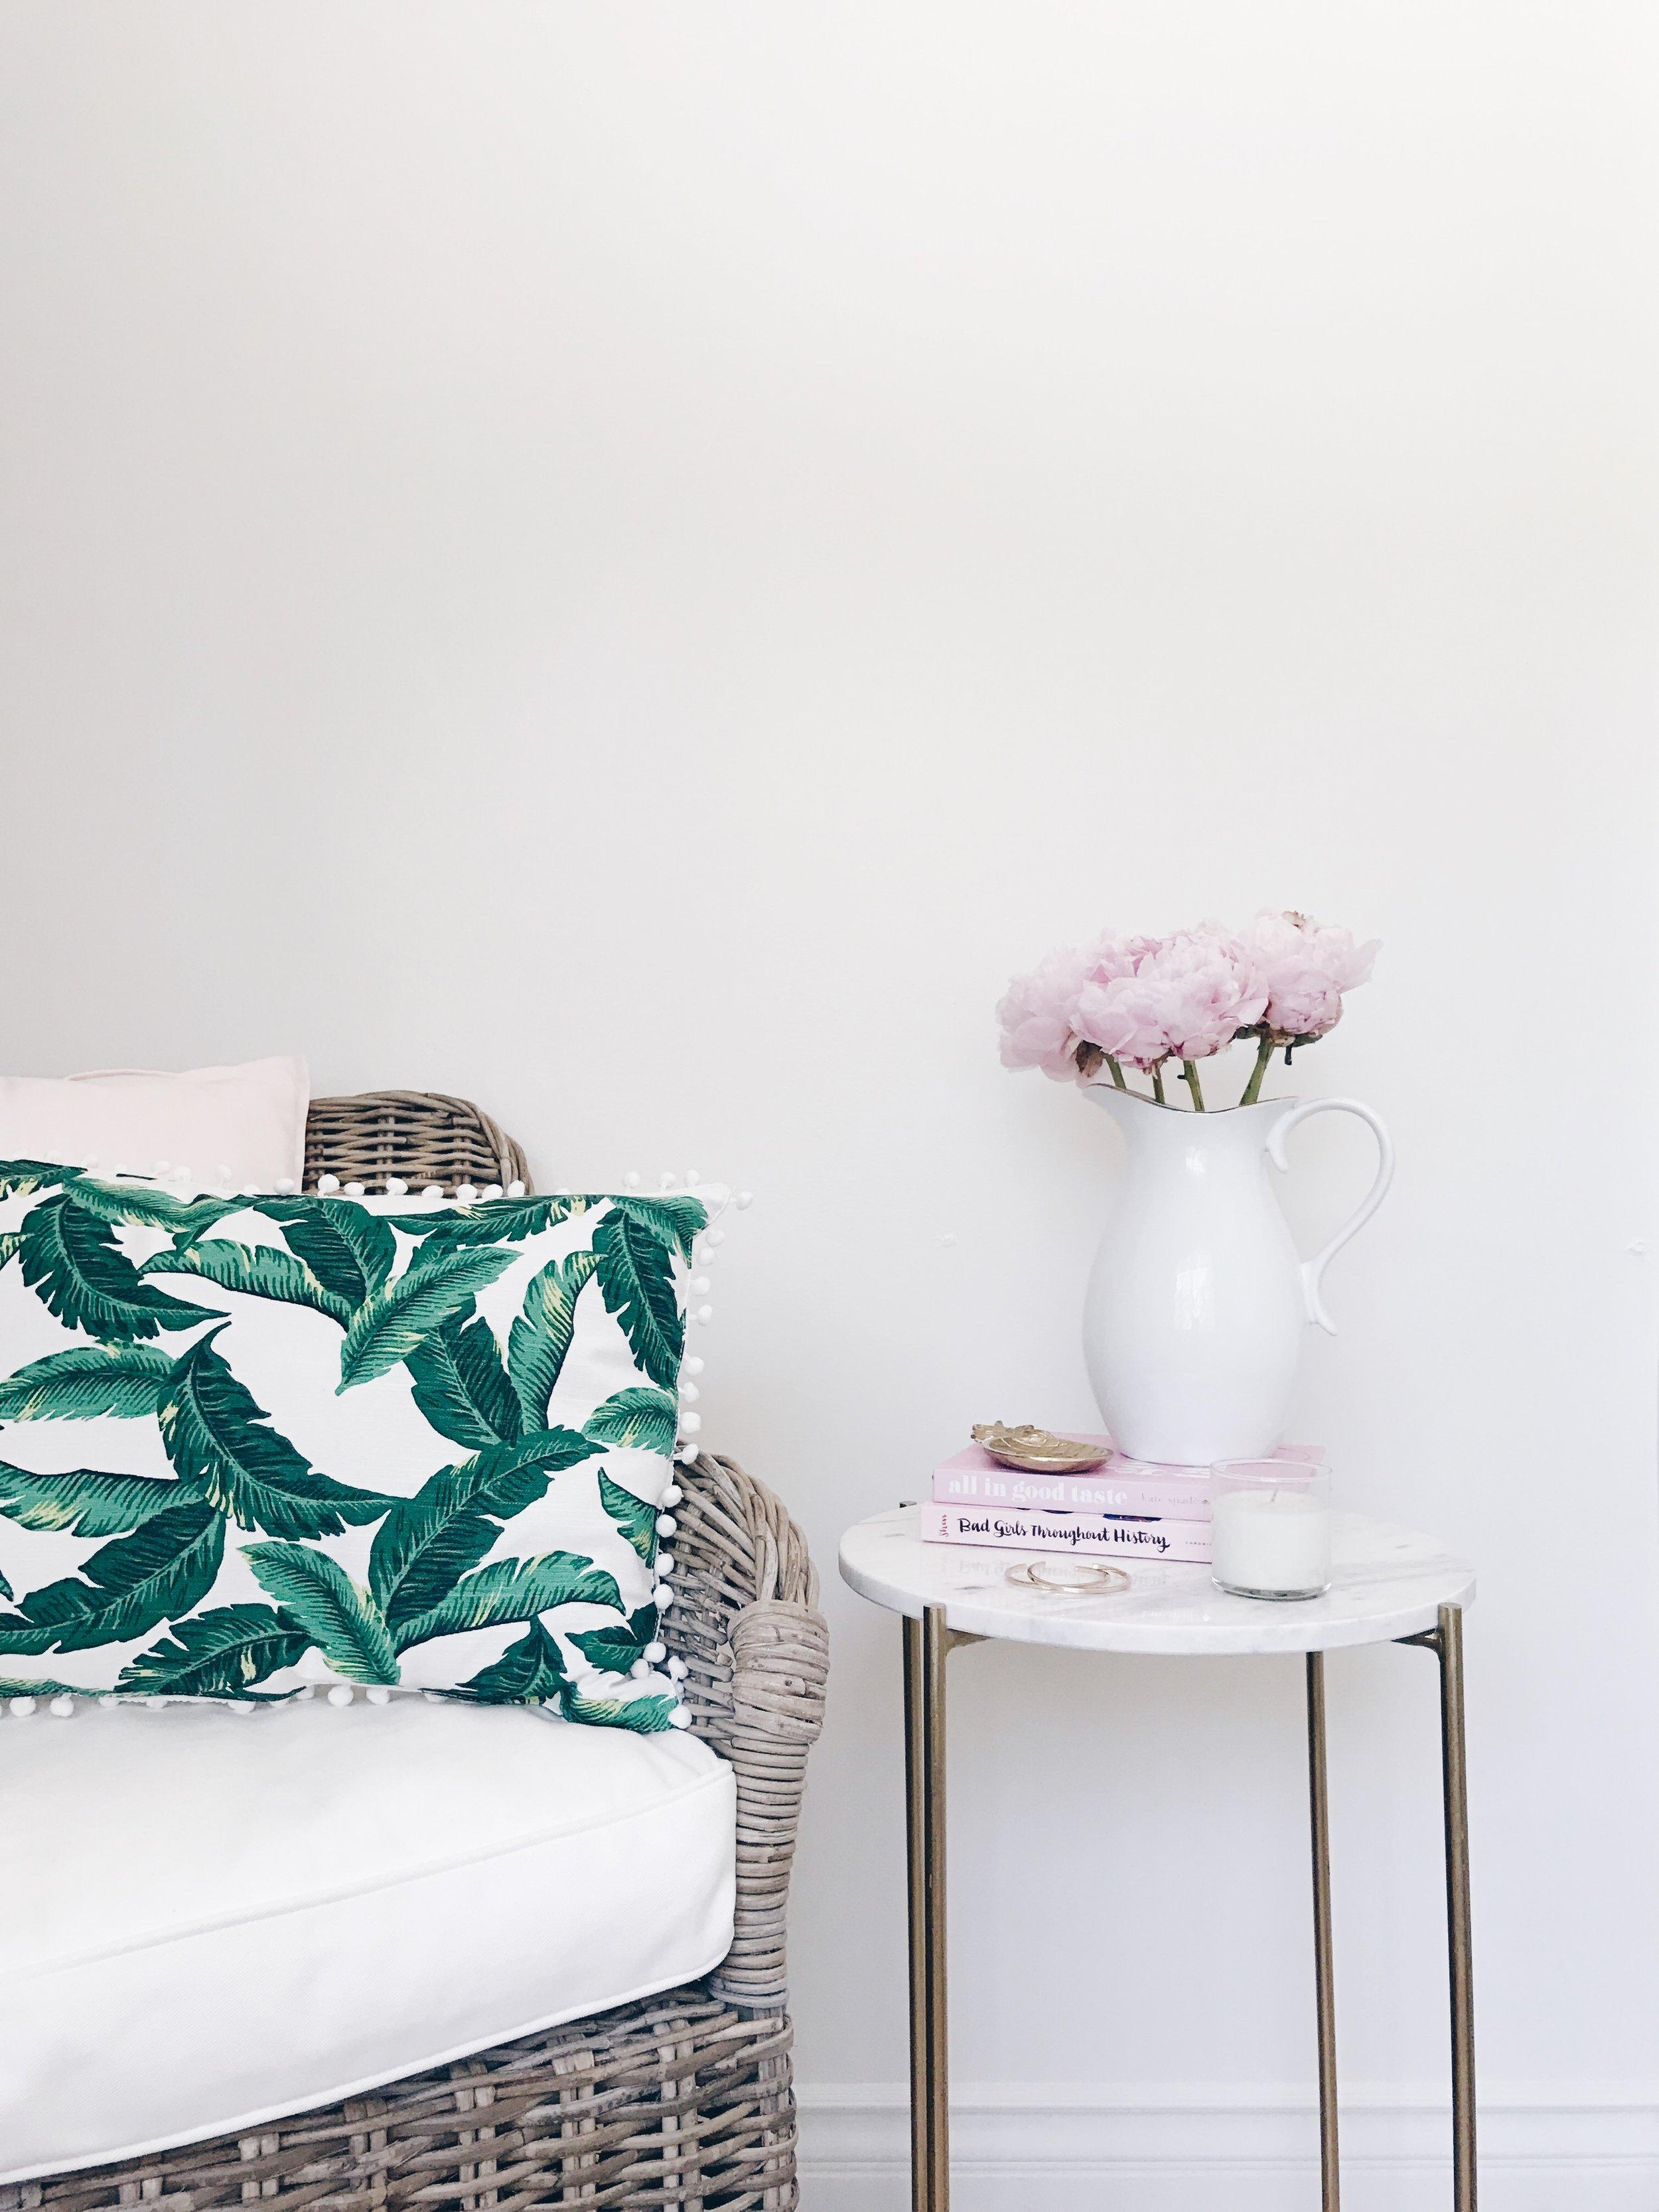 Super cute palm print pillow